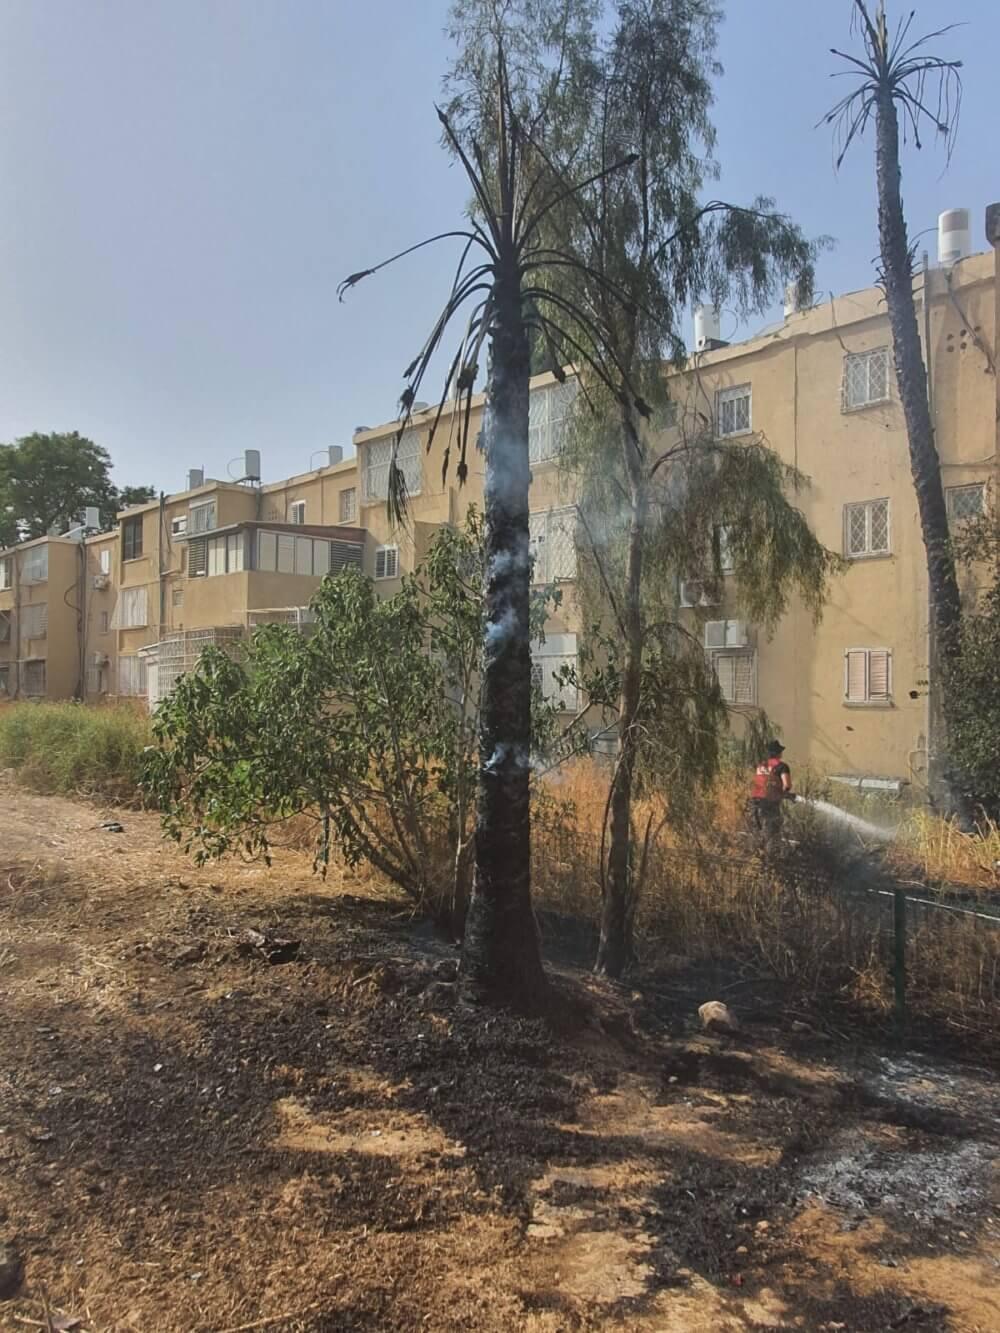 שריפה ברחוב יואל השופט בבאר שבע